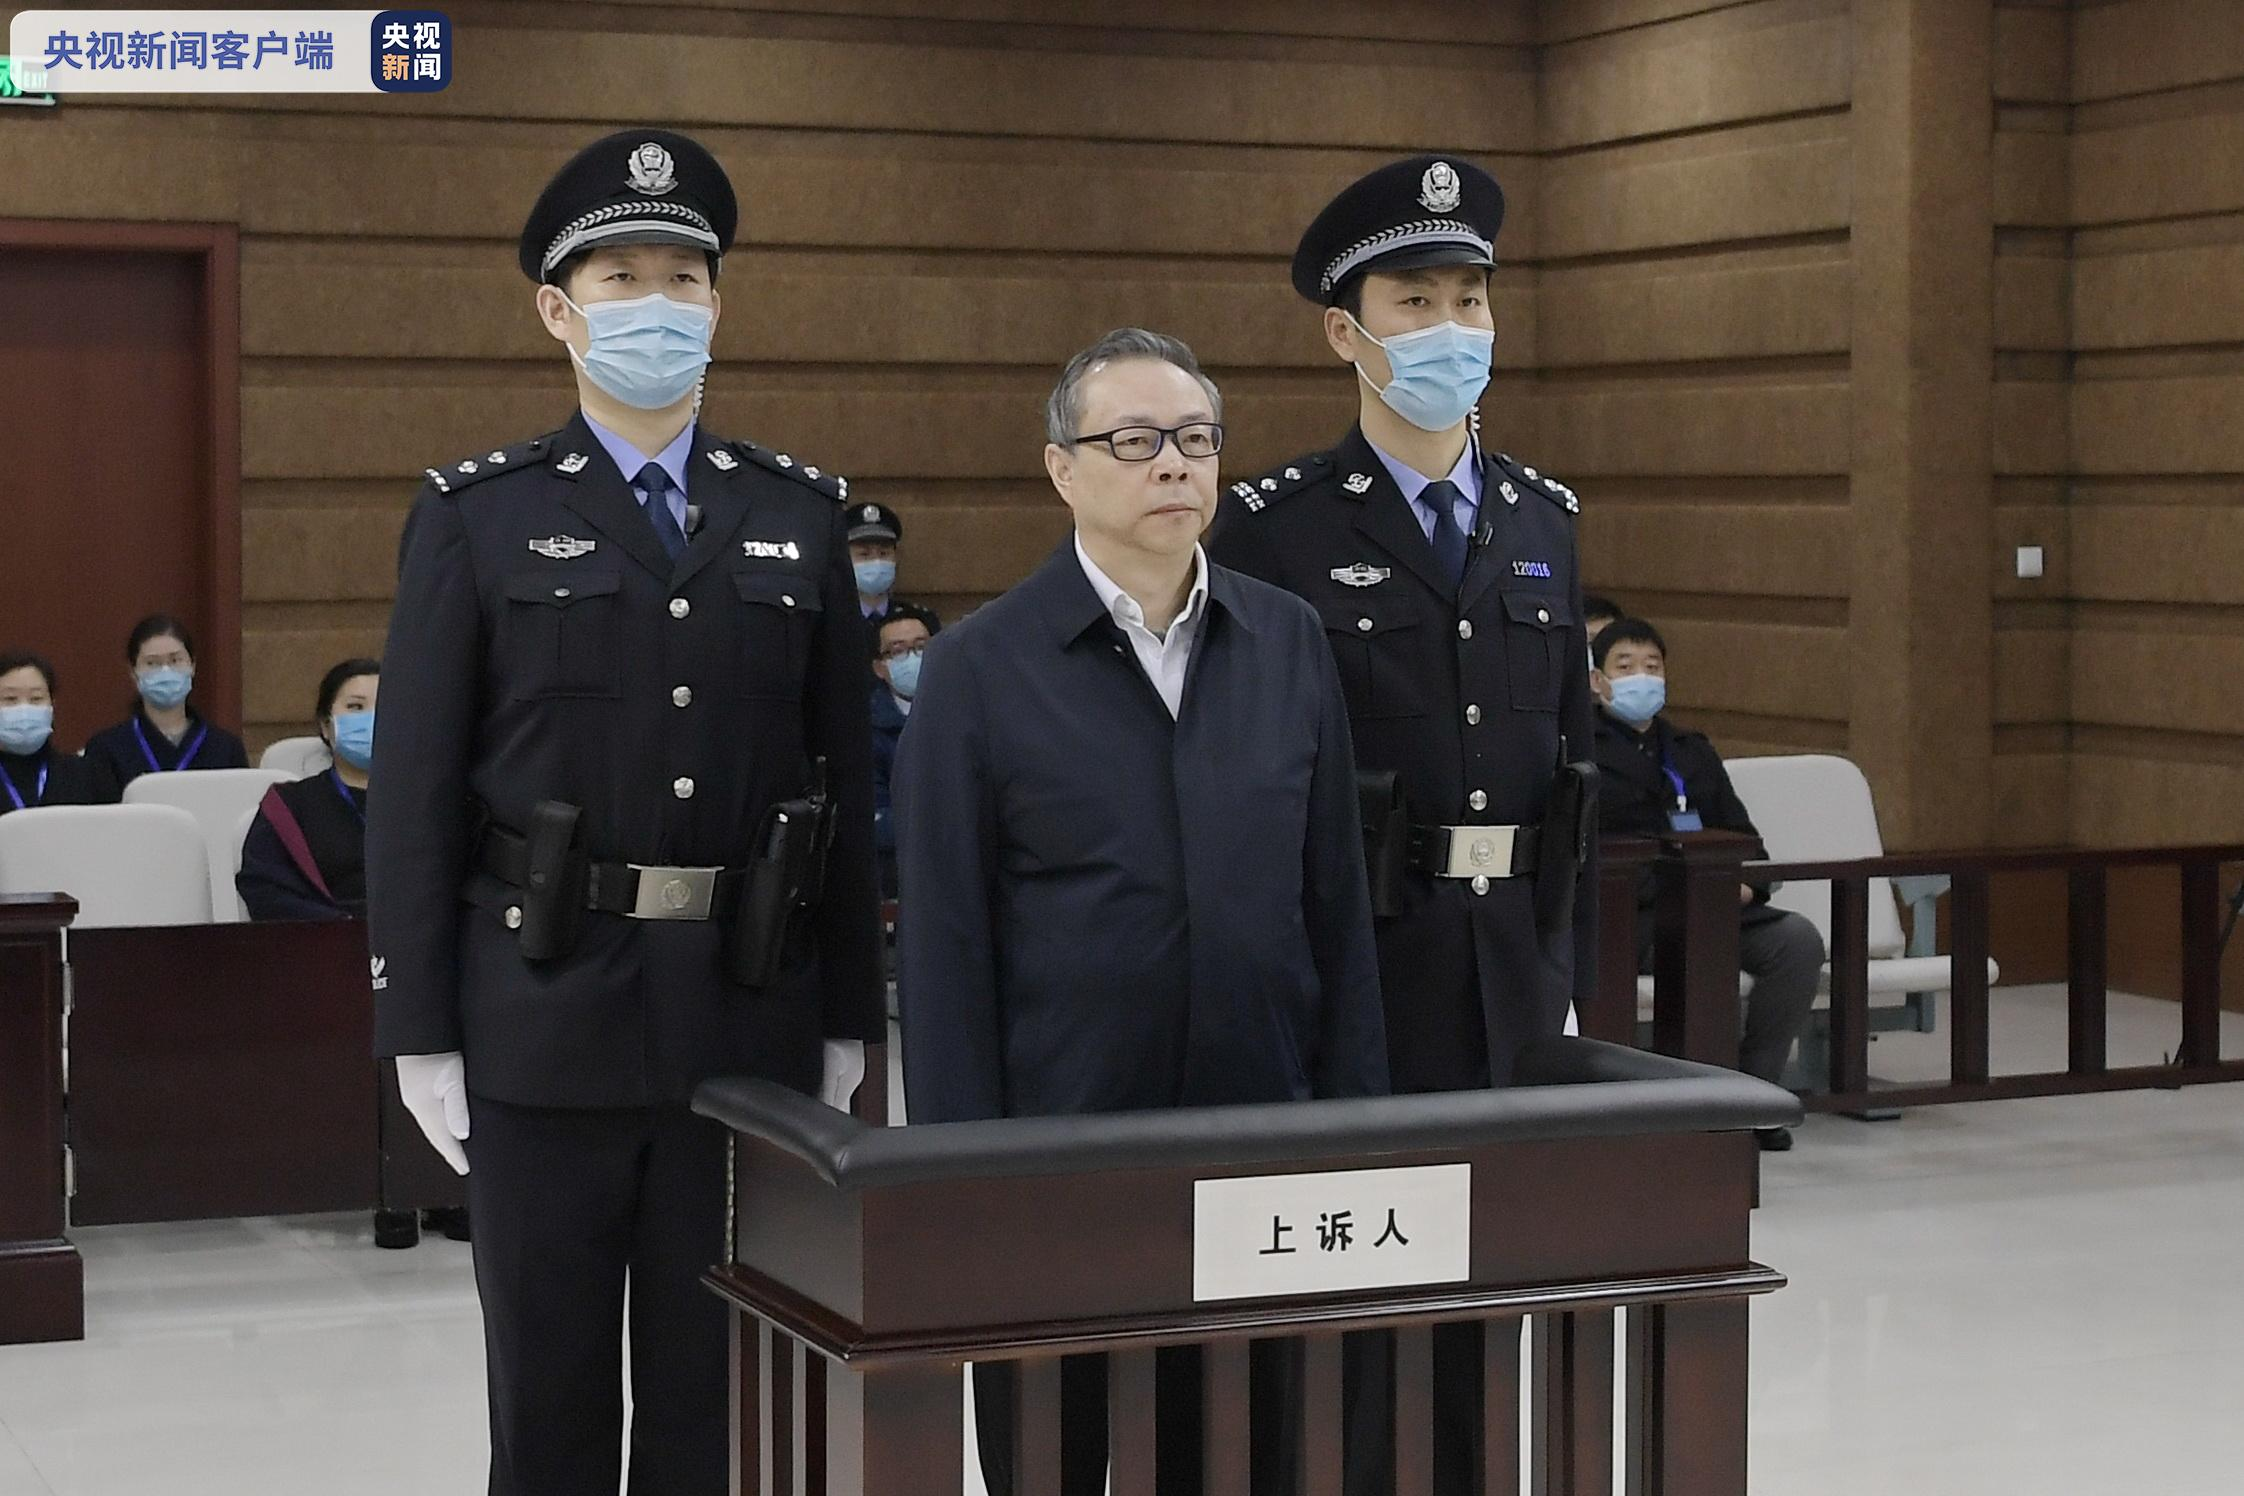 赖小民受贿、贪污、重婚案二审宣判 维持死刑判决